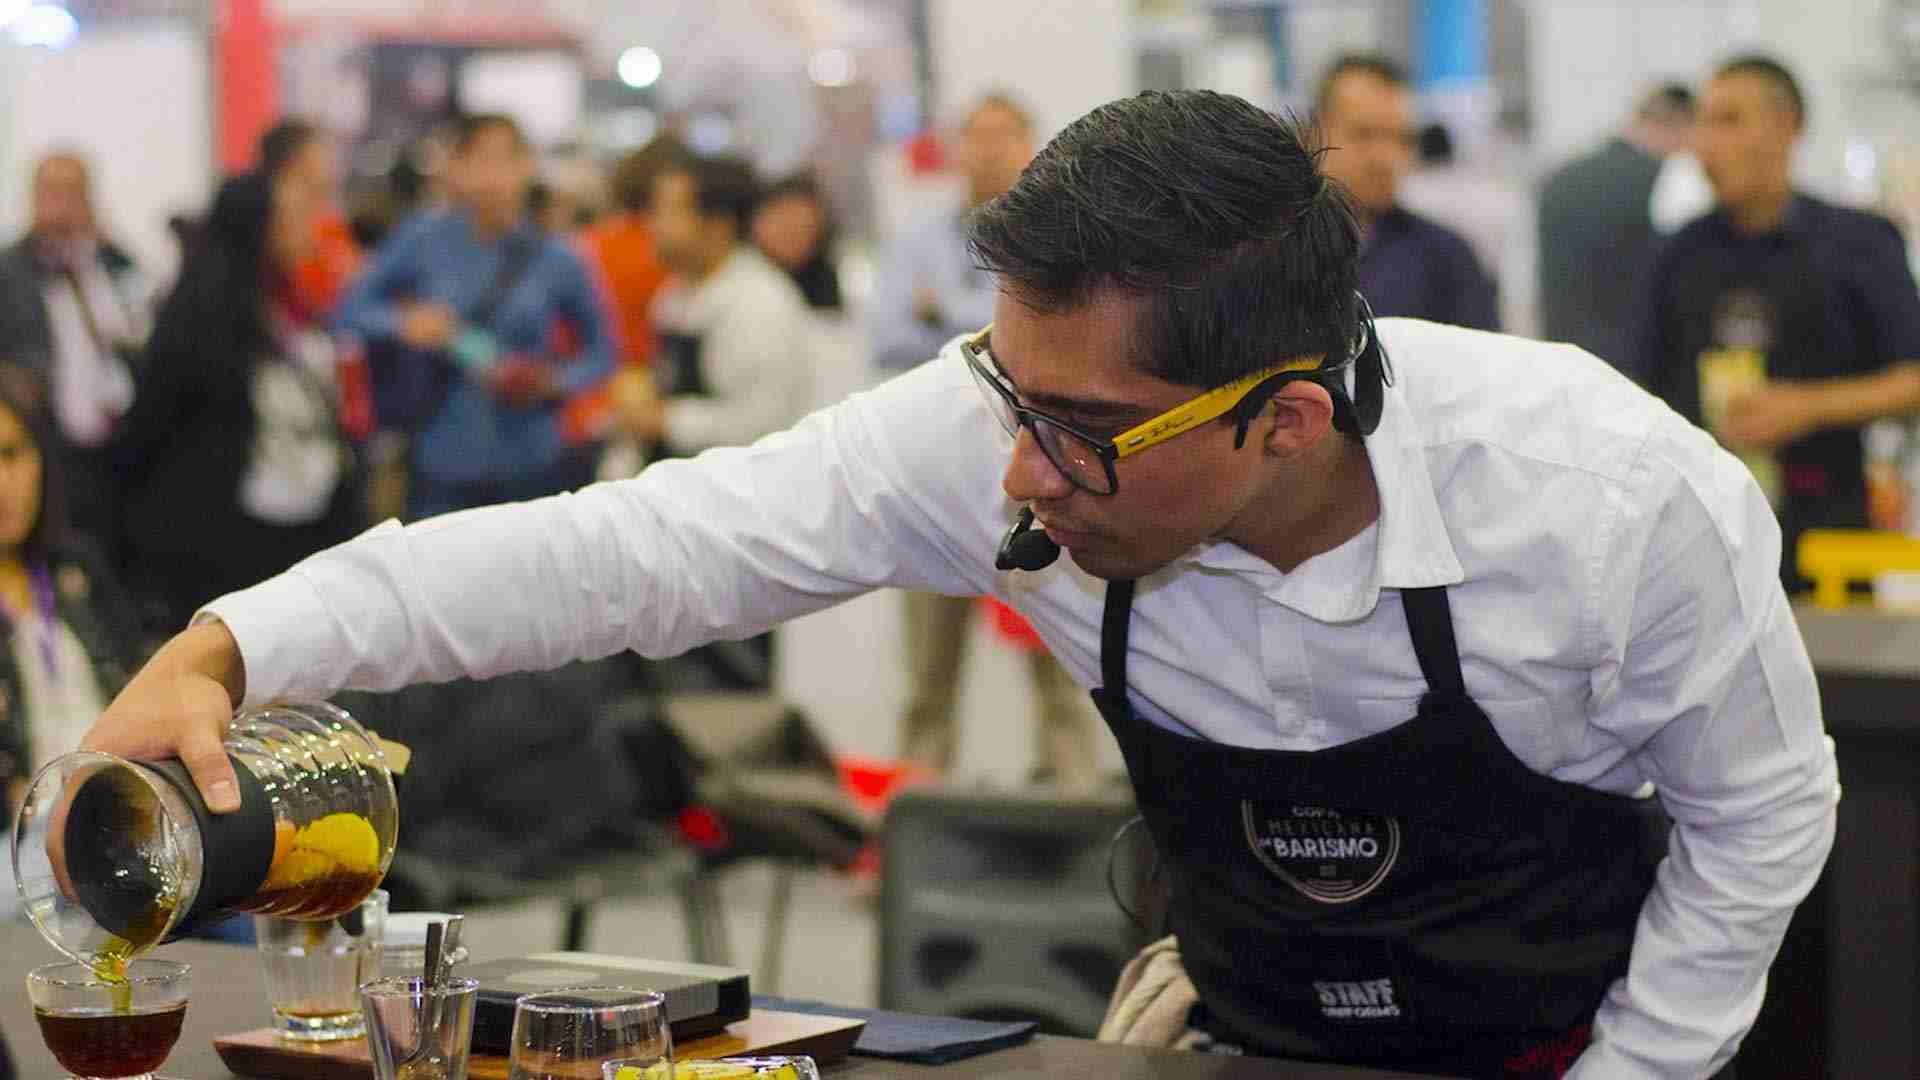 Gran impulsor del Barismo, Manuel García llama a «generar políticas públicas en torno al café»